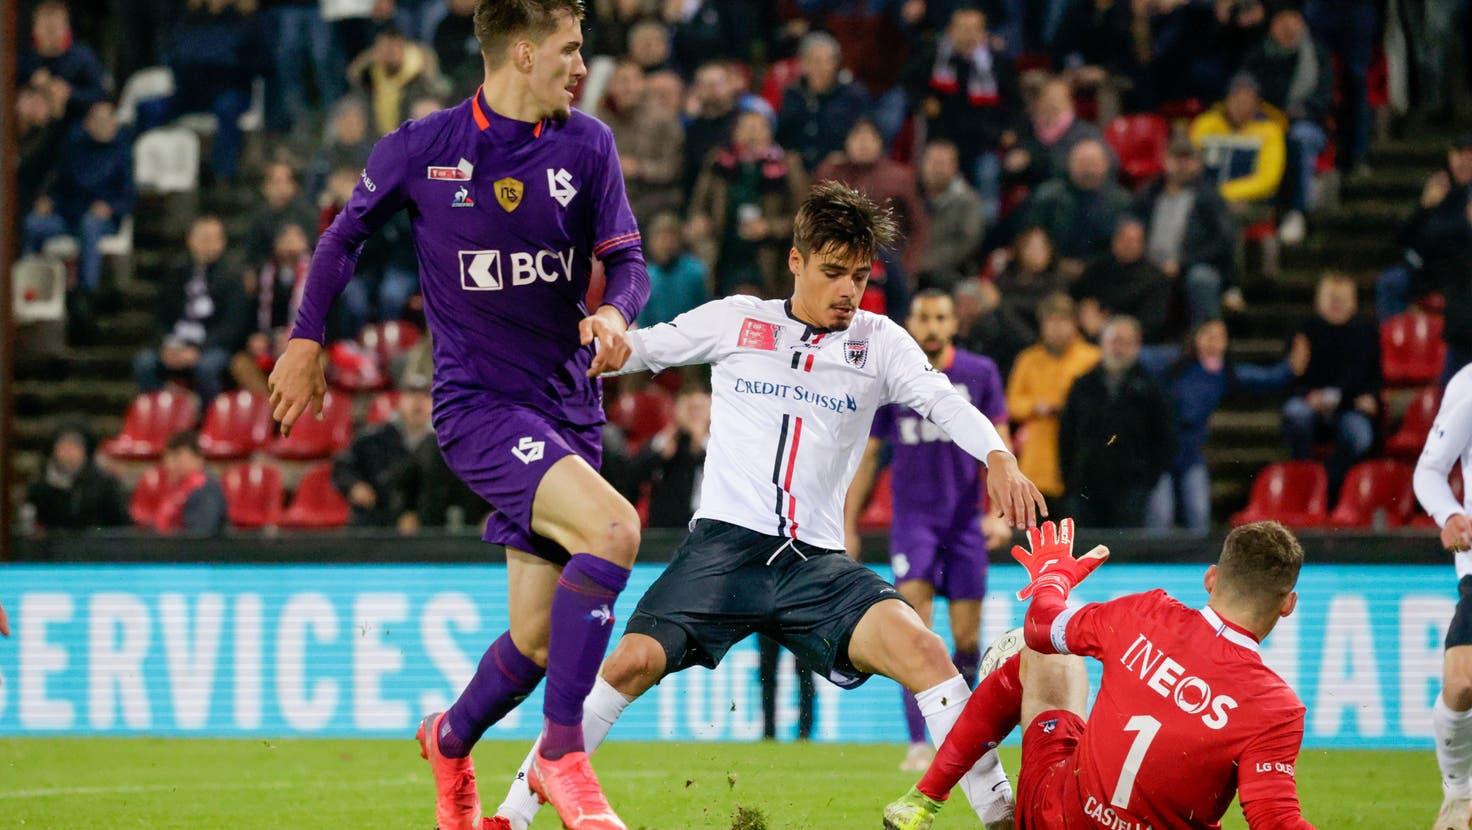 Die Druckphase bleibt ohne Erfolg: Der FC Aarau verliert gegen Lausanne-Sport mit 0:1 und scheidet aus dem Cup aus